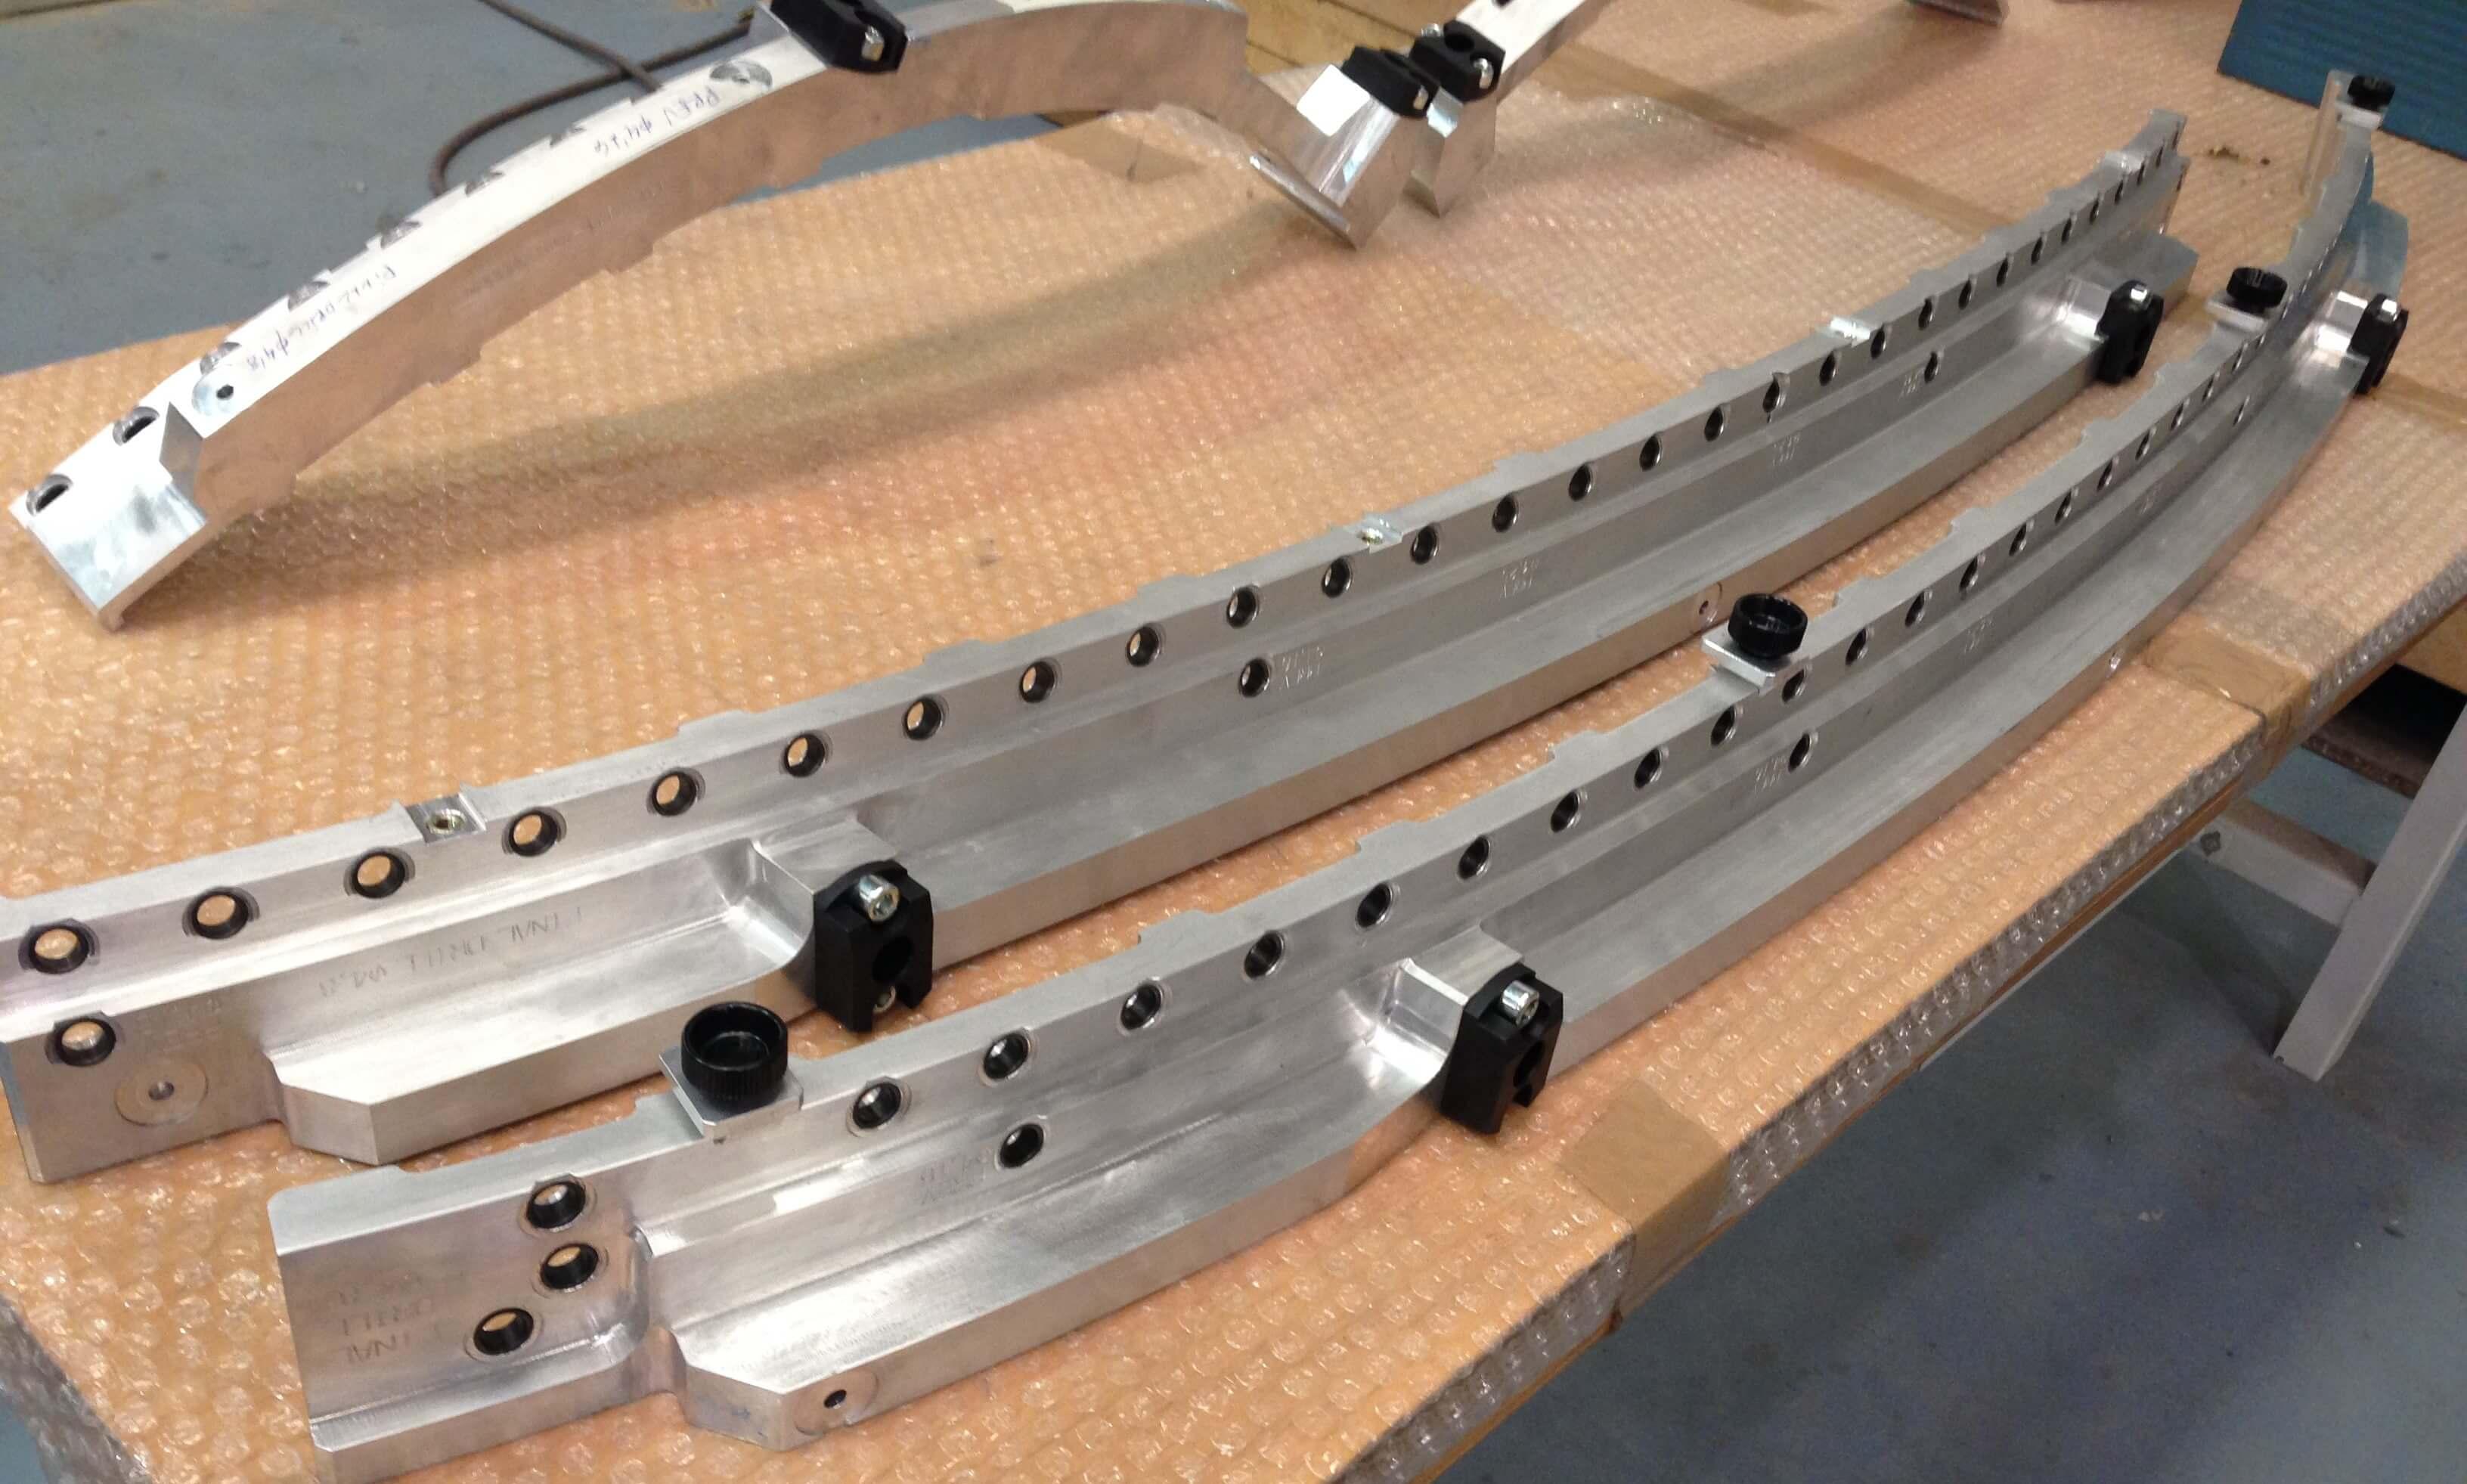 IMG 1699 - Plantillas de montaje y taladrado